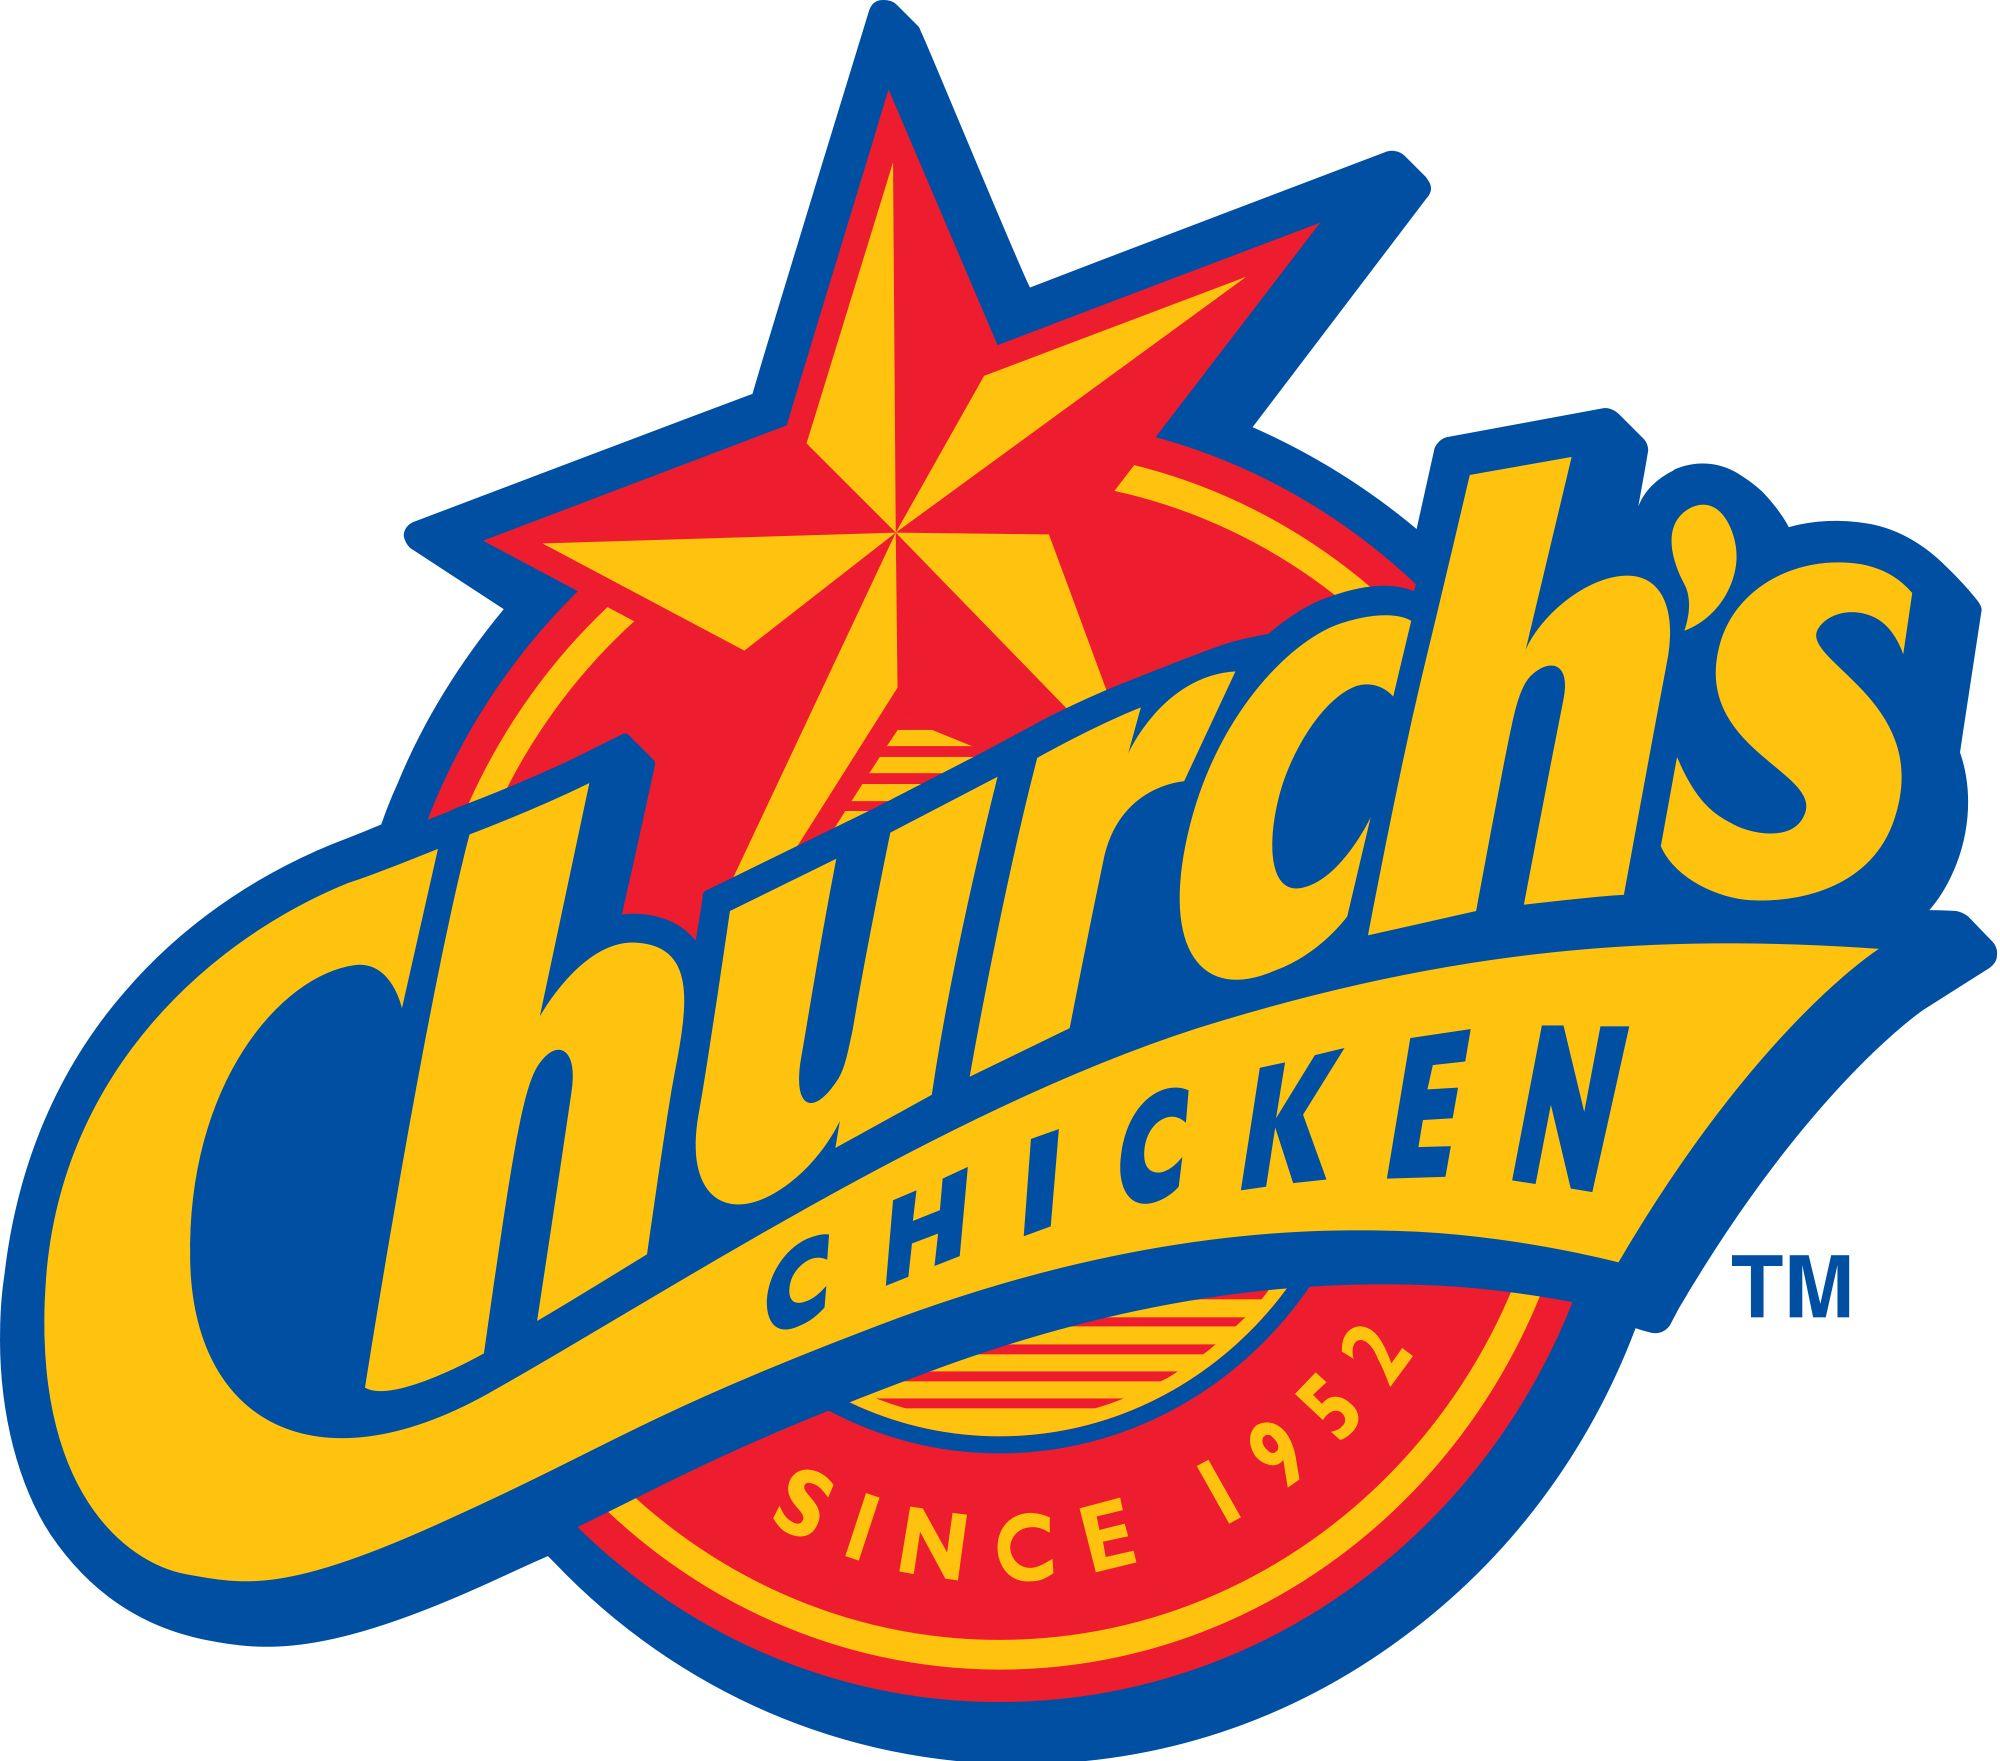 Based in san antonio chicken brands chicken logo fast